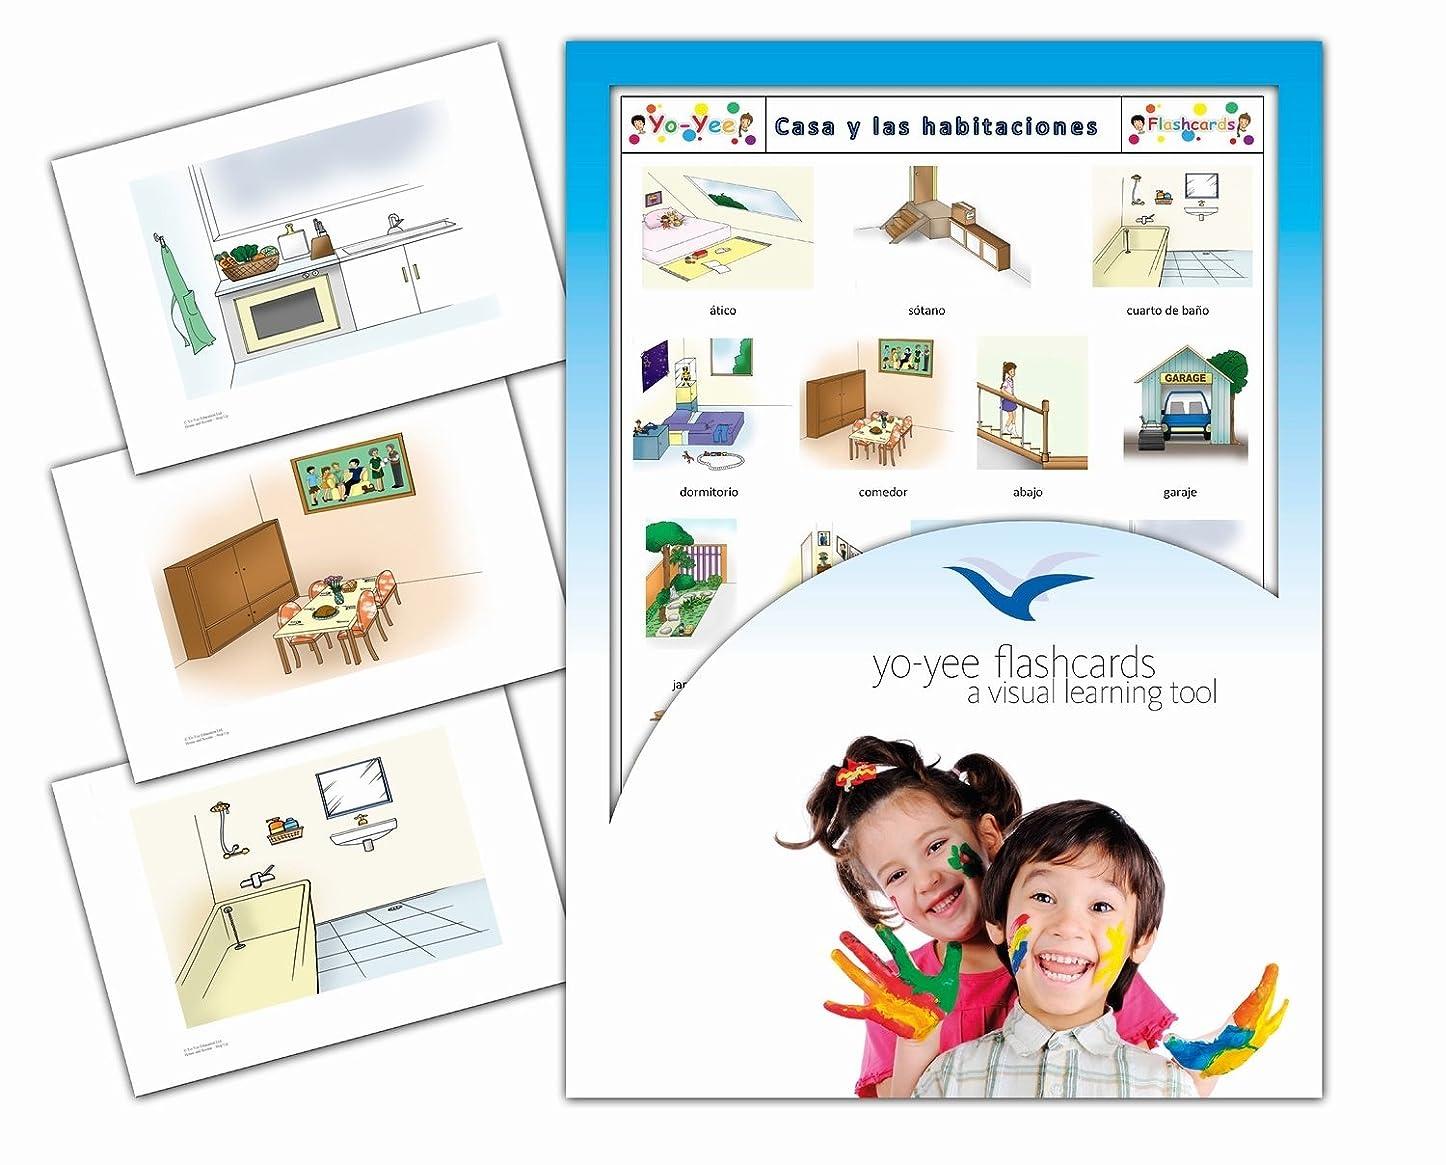 鋸歯状サミュエルサスティーンTarjetas de vocabulario - Rooms Flashcards in Spanish - Casa y las habitaciones -スペイン語フラッシュカード、絵カード、子供, 部屋, 家, 家屋